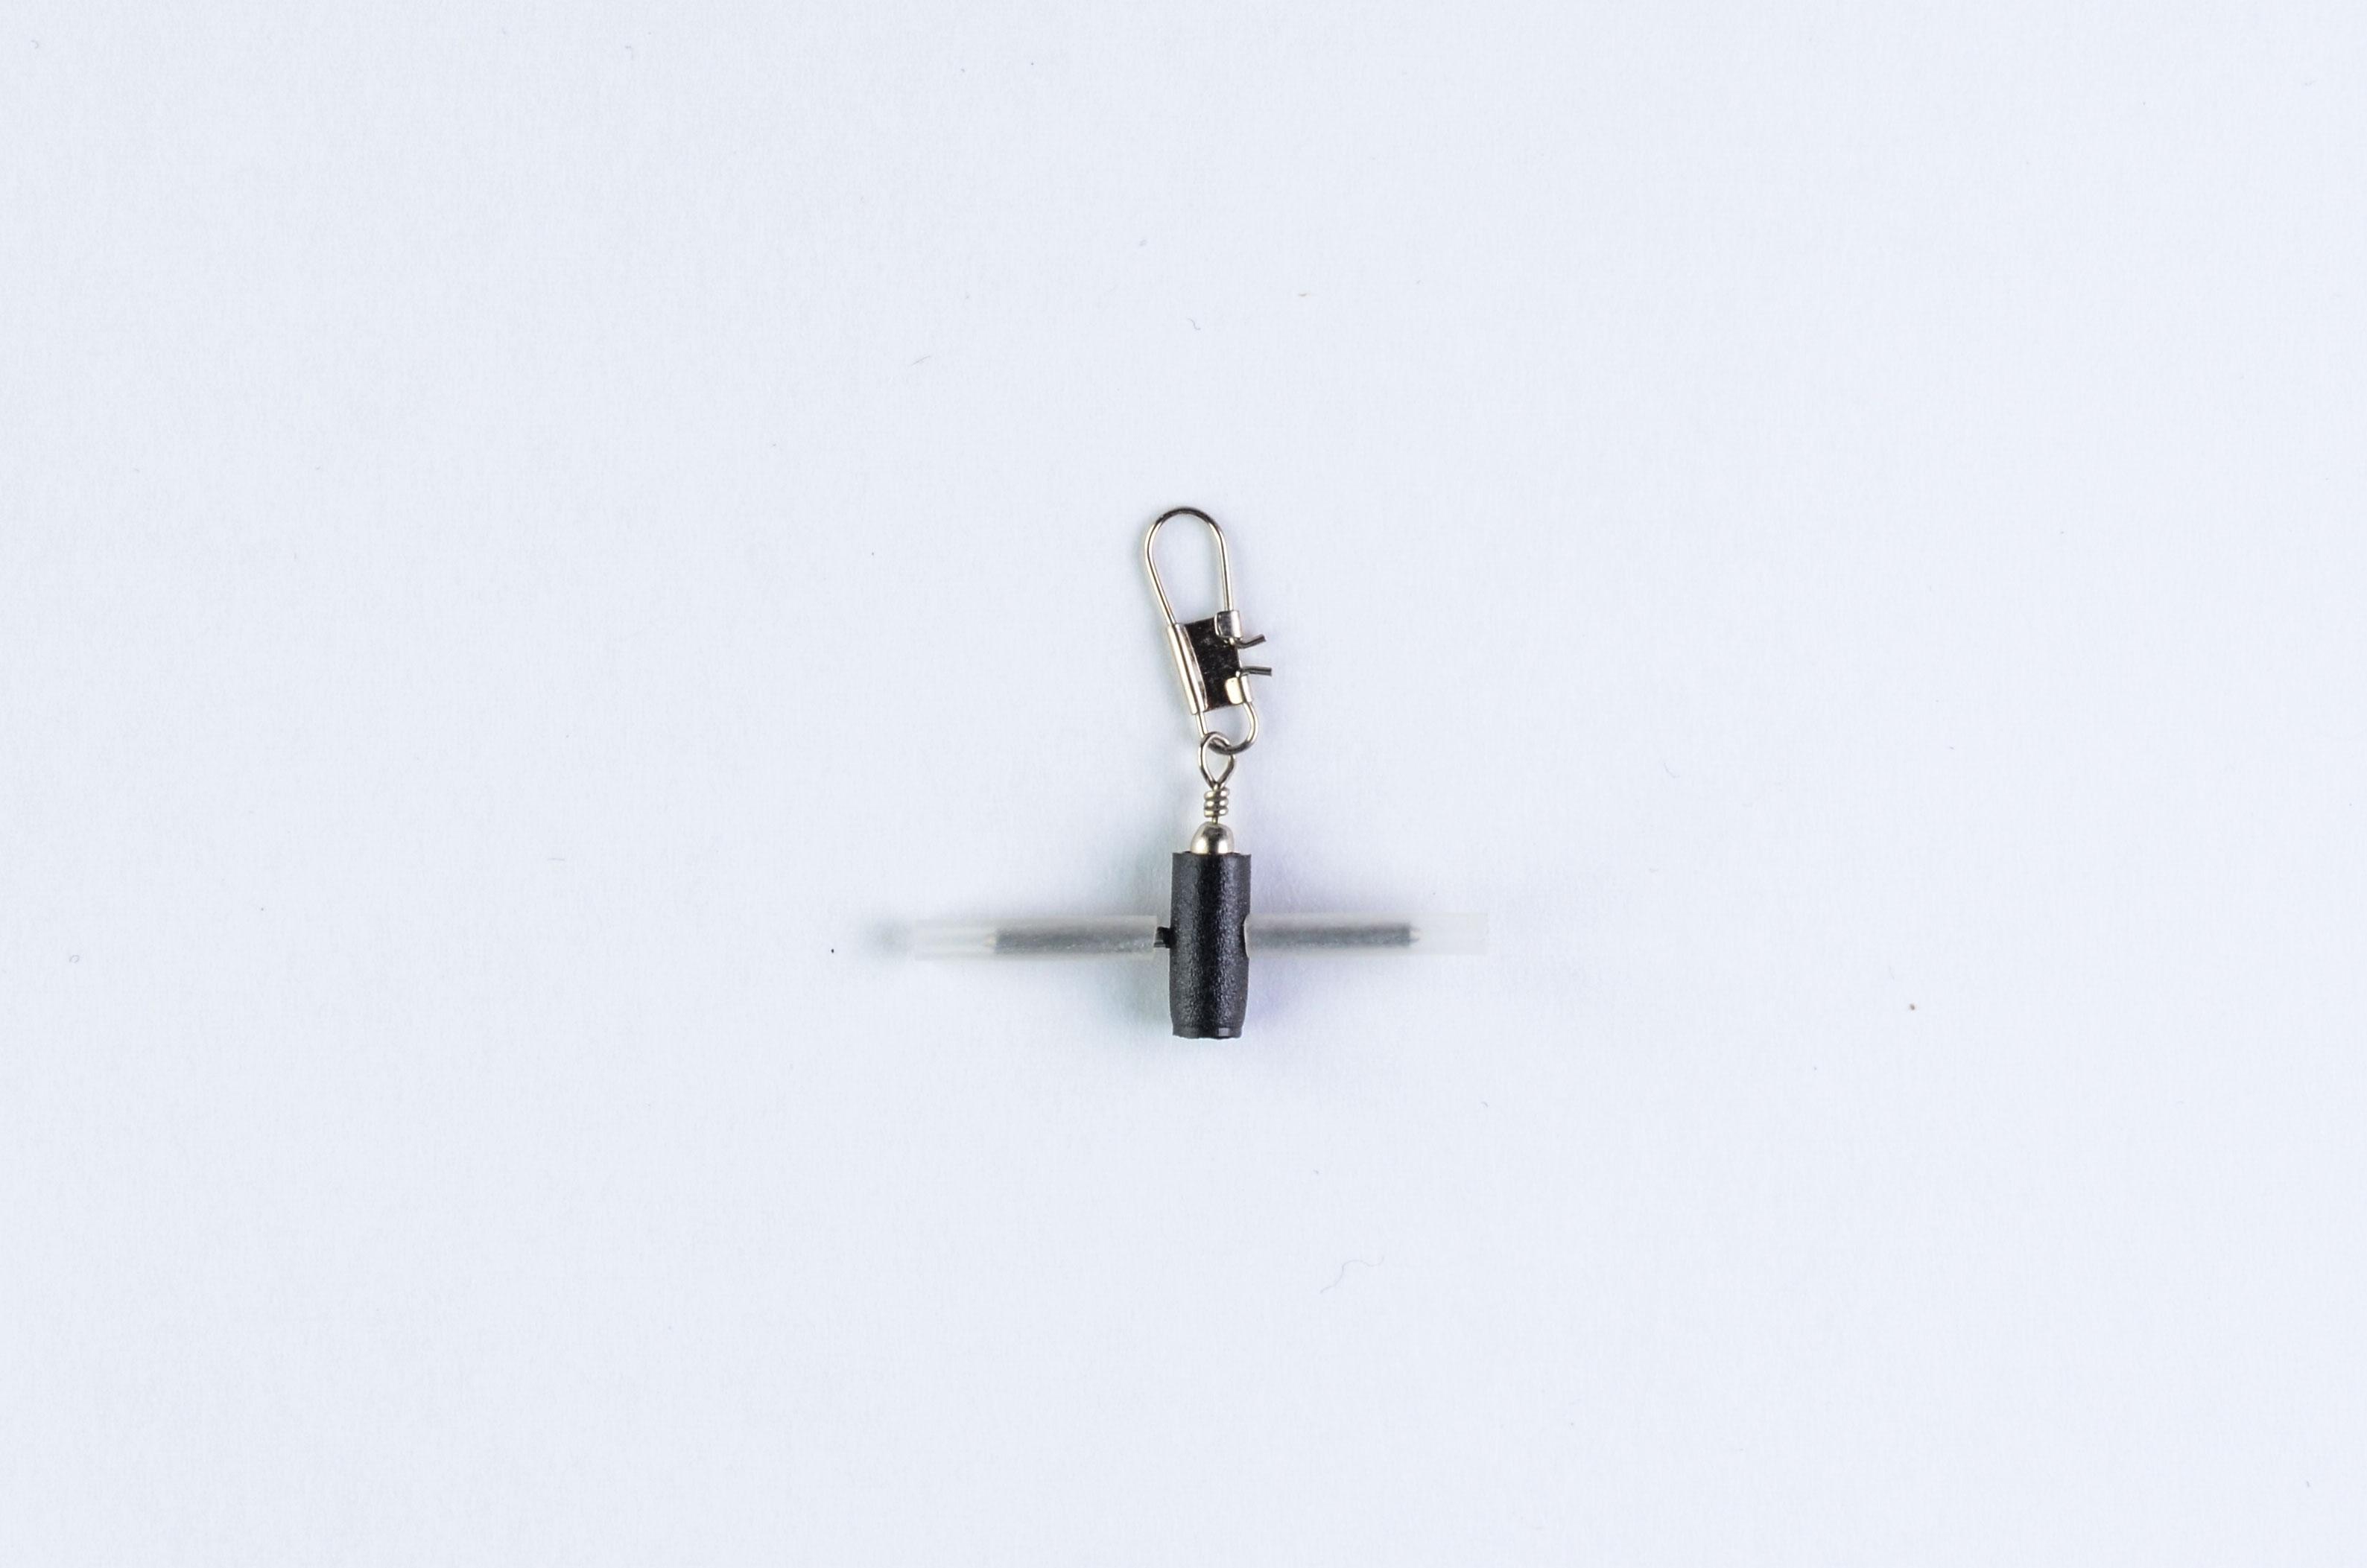 Застёжка для поплавка с вертлюжком для фиксированного крепления 10009 (уп. 3шт)